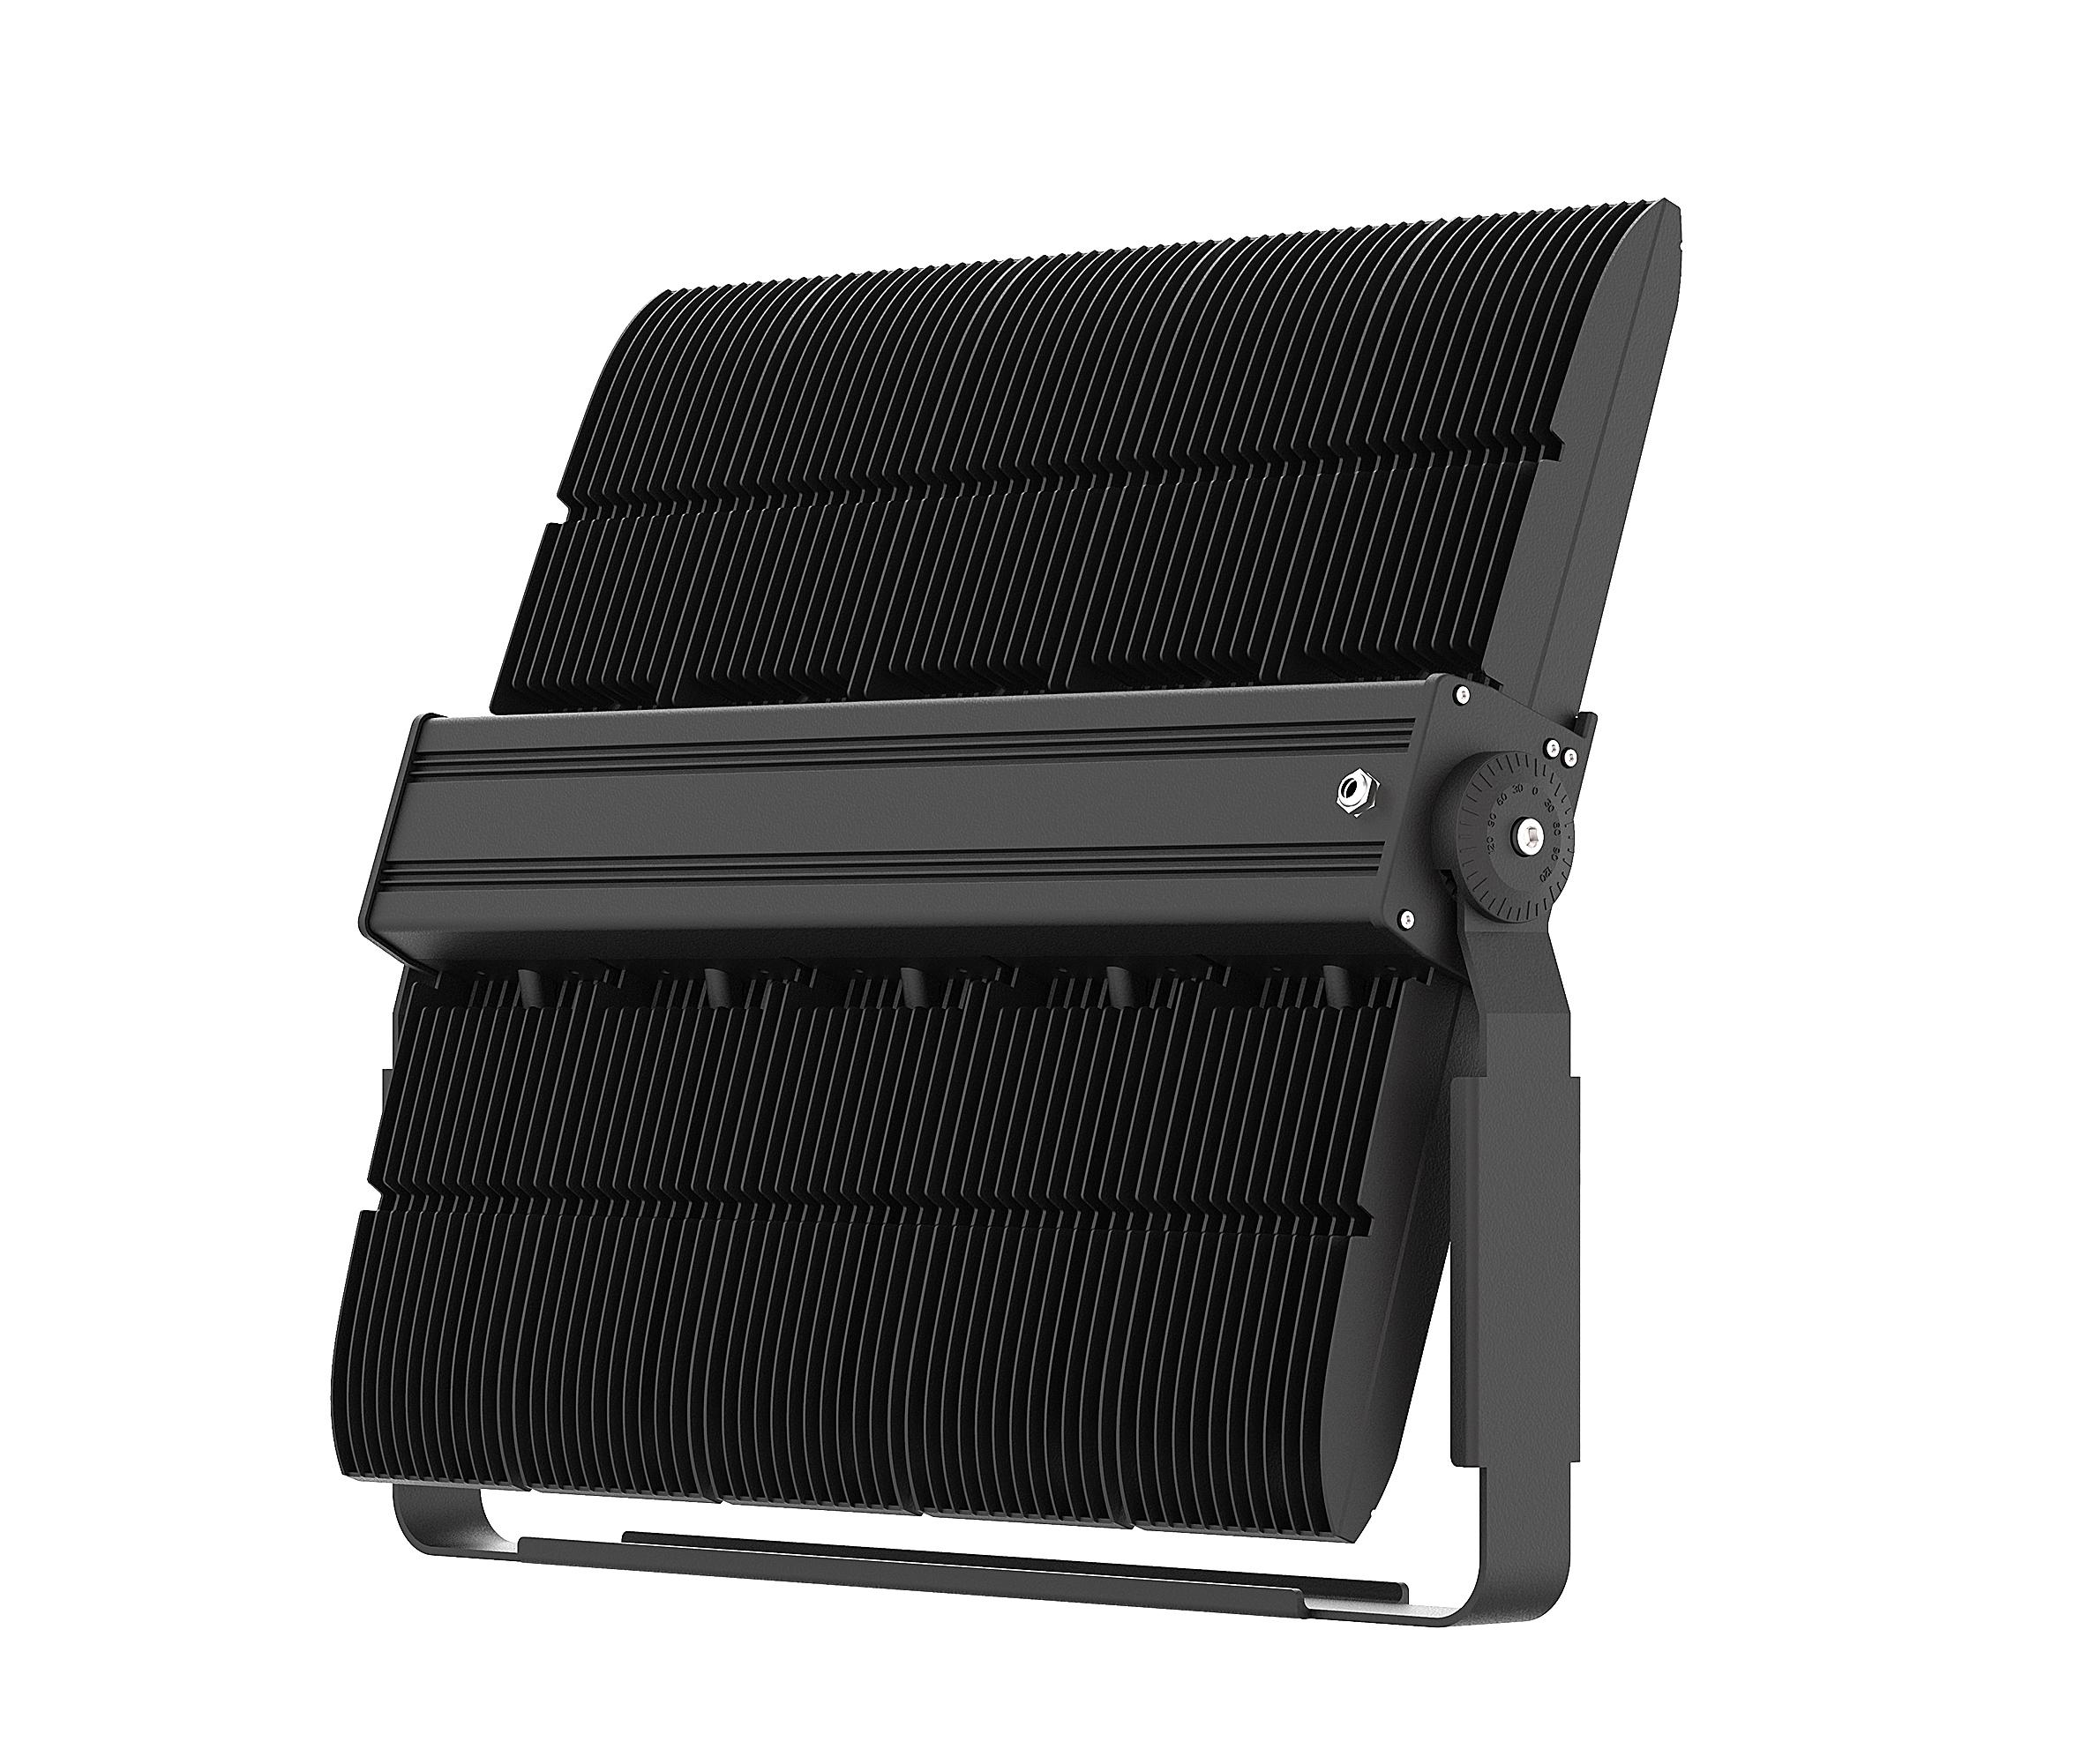 屋外エリア高マストプロの照明 400 ワット 500 ワット 600 ワット 800 ワット 1000 ワットモジュール LED フラッドライトフラッドライトライト